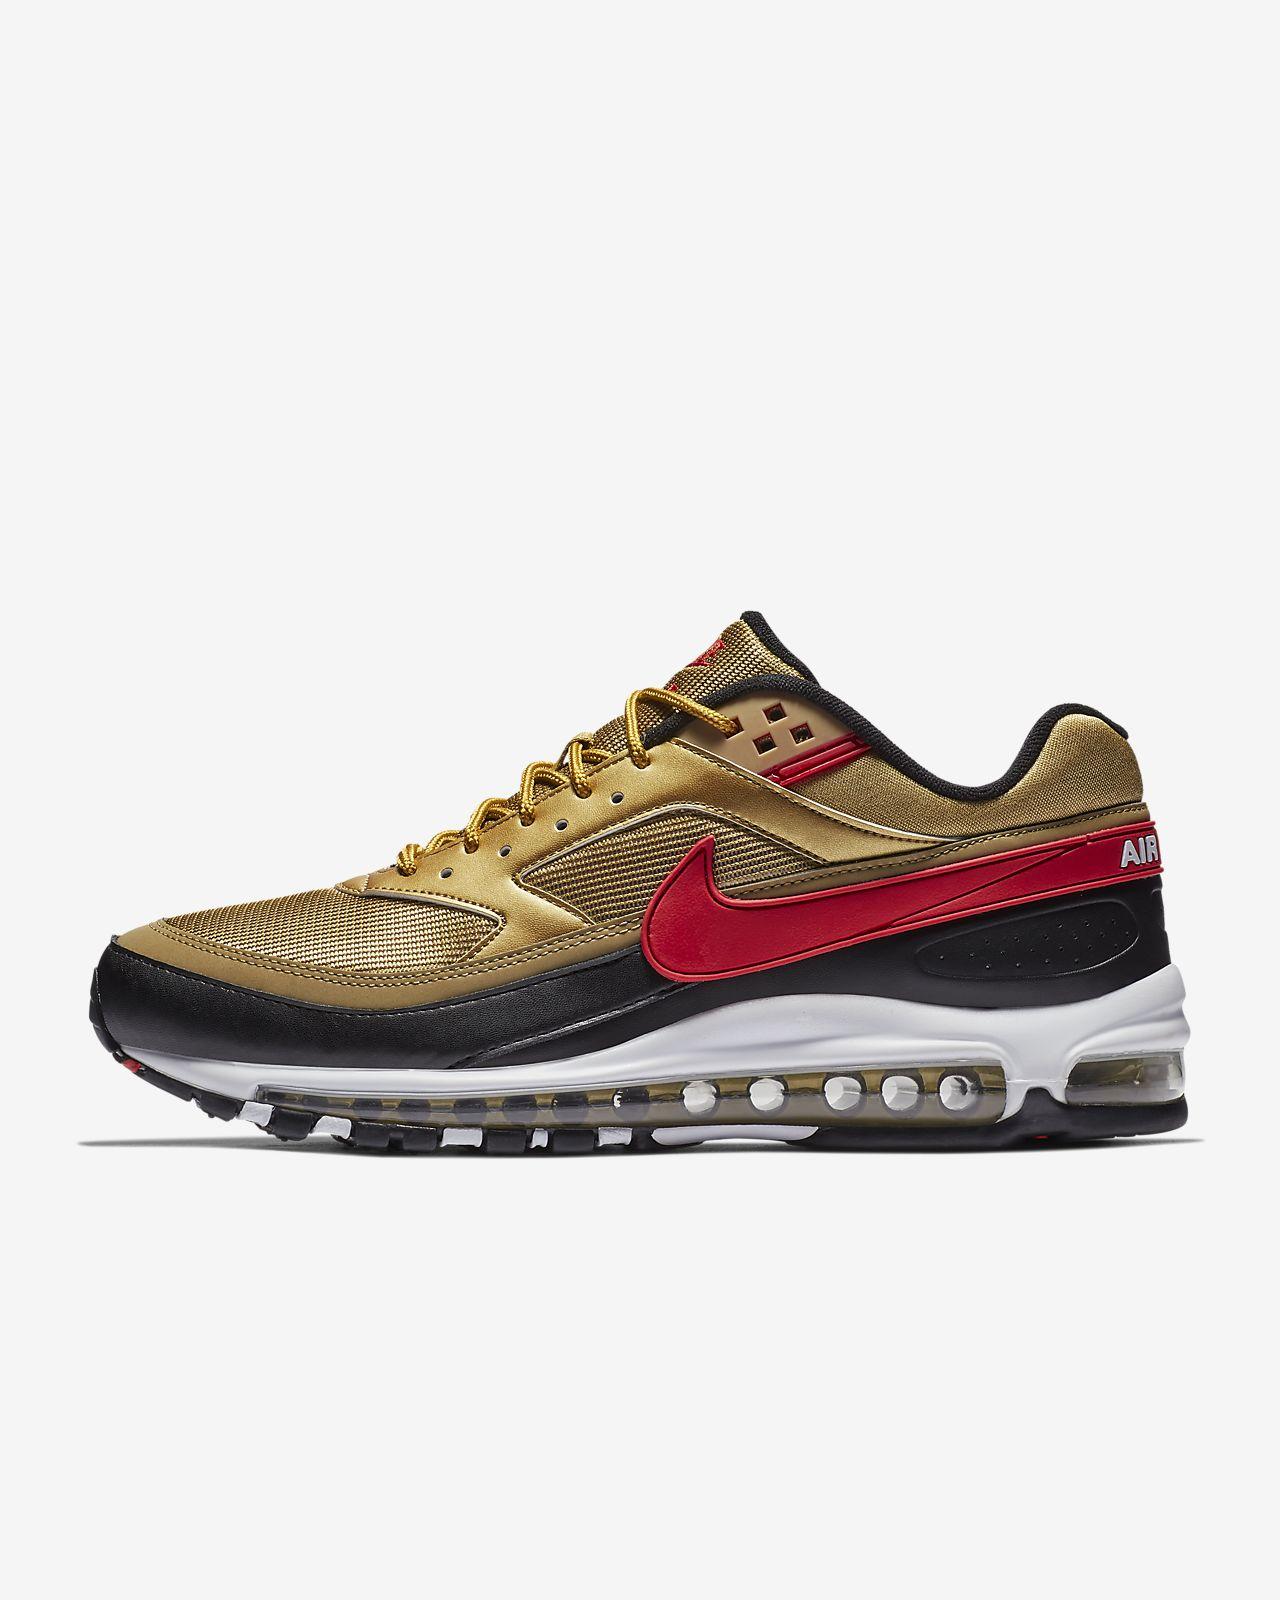 on sale 4a5cb 780f2 ... Nike Air Max 97 BW Zapatillas - Hombre